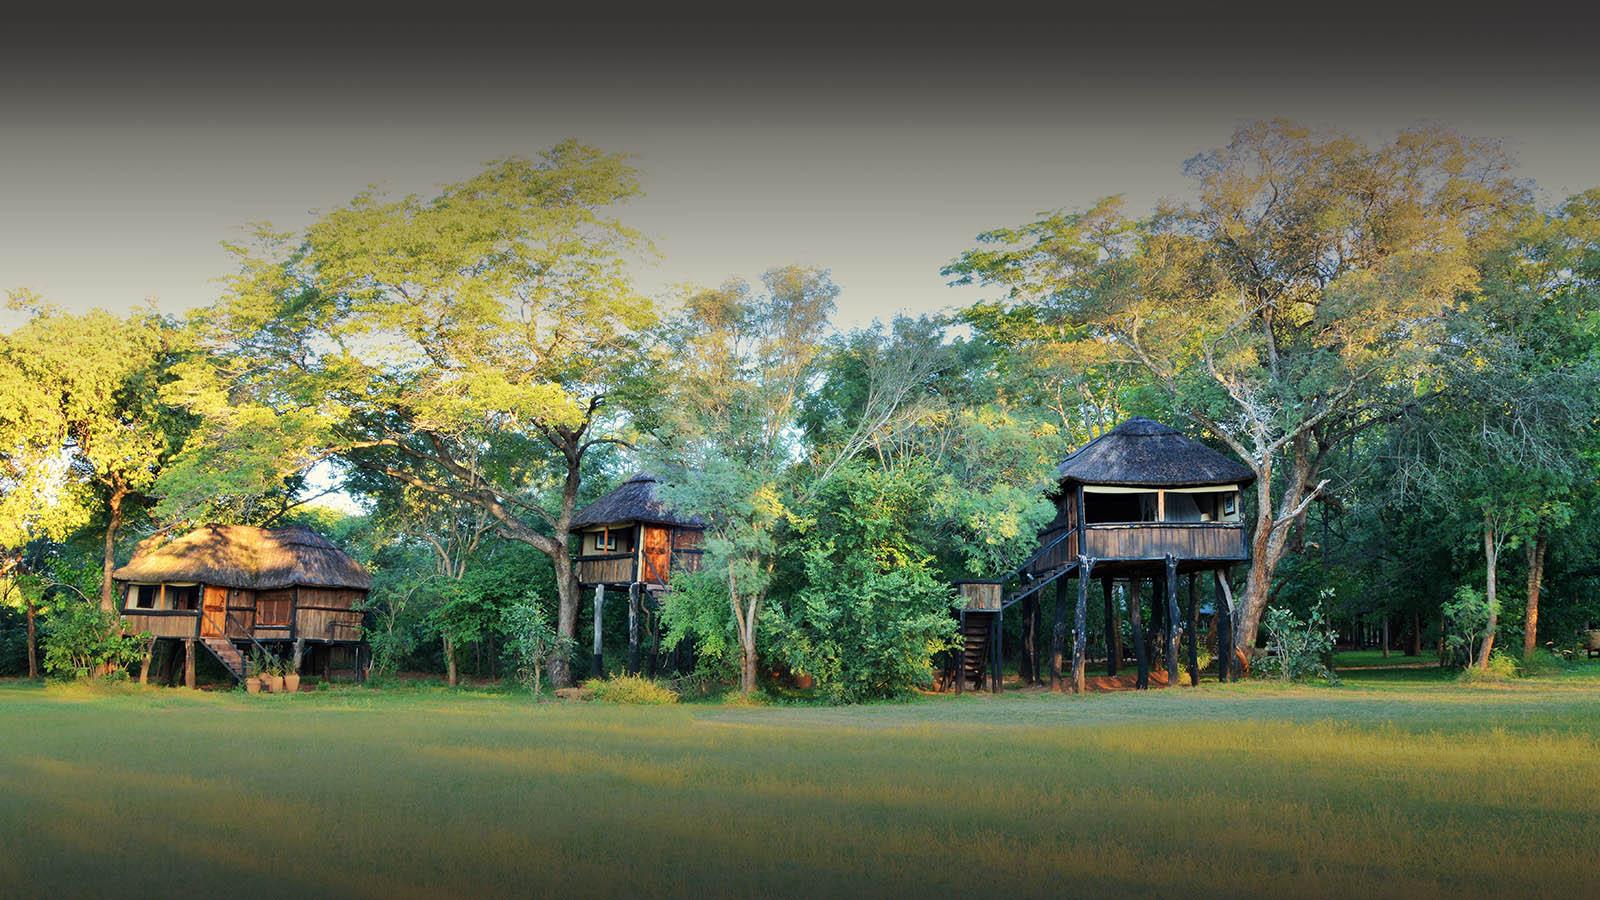 ivory lodge zimbabwe-lodges-zambia-in-style-safaris-wildlife-africa-hwange-national-the-amalinda-collection-trees